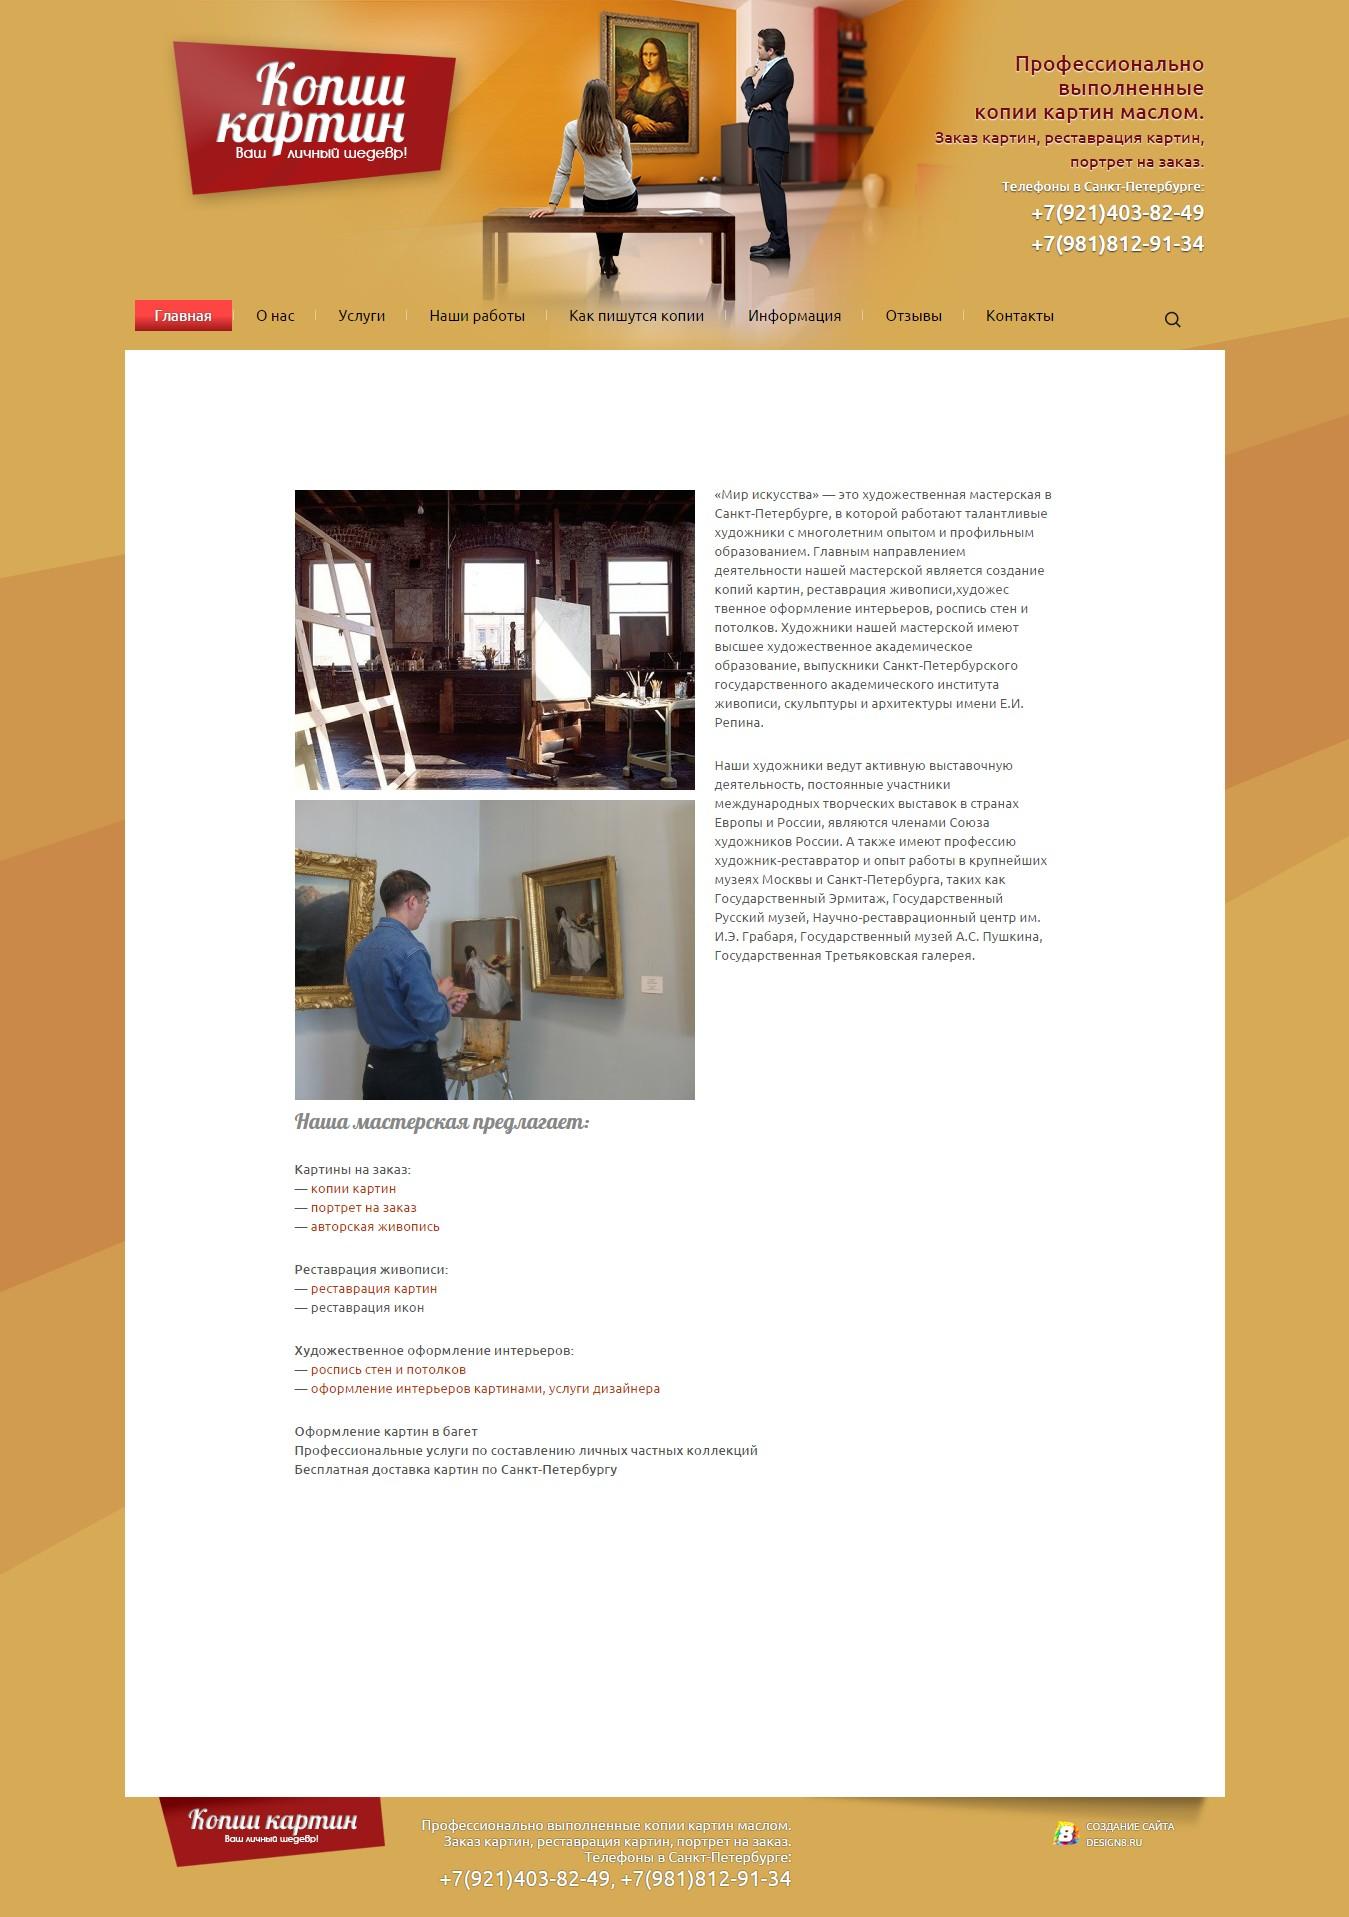 Сайт художественной мастерской в Санкт-Петербурге